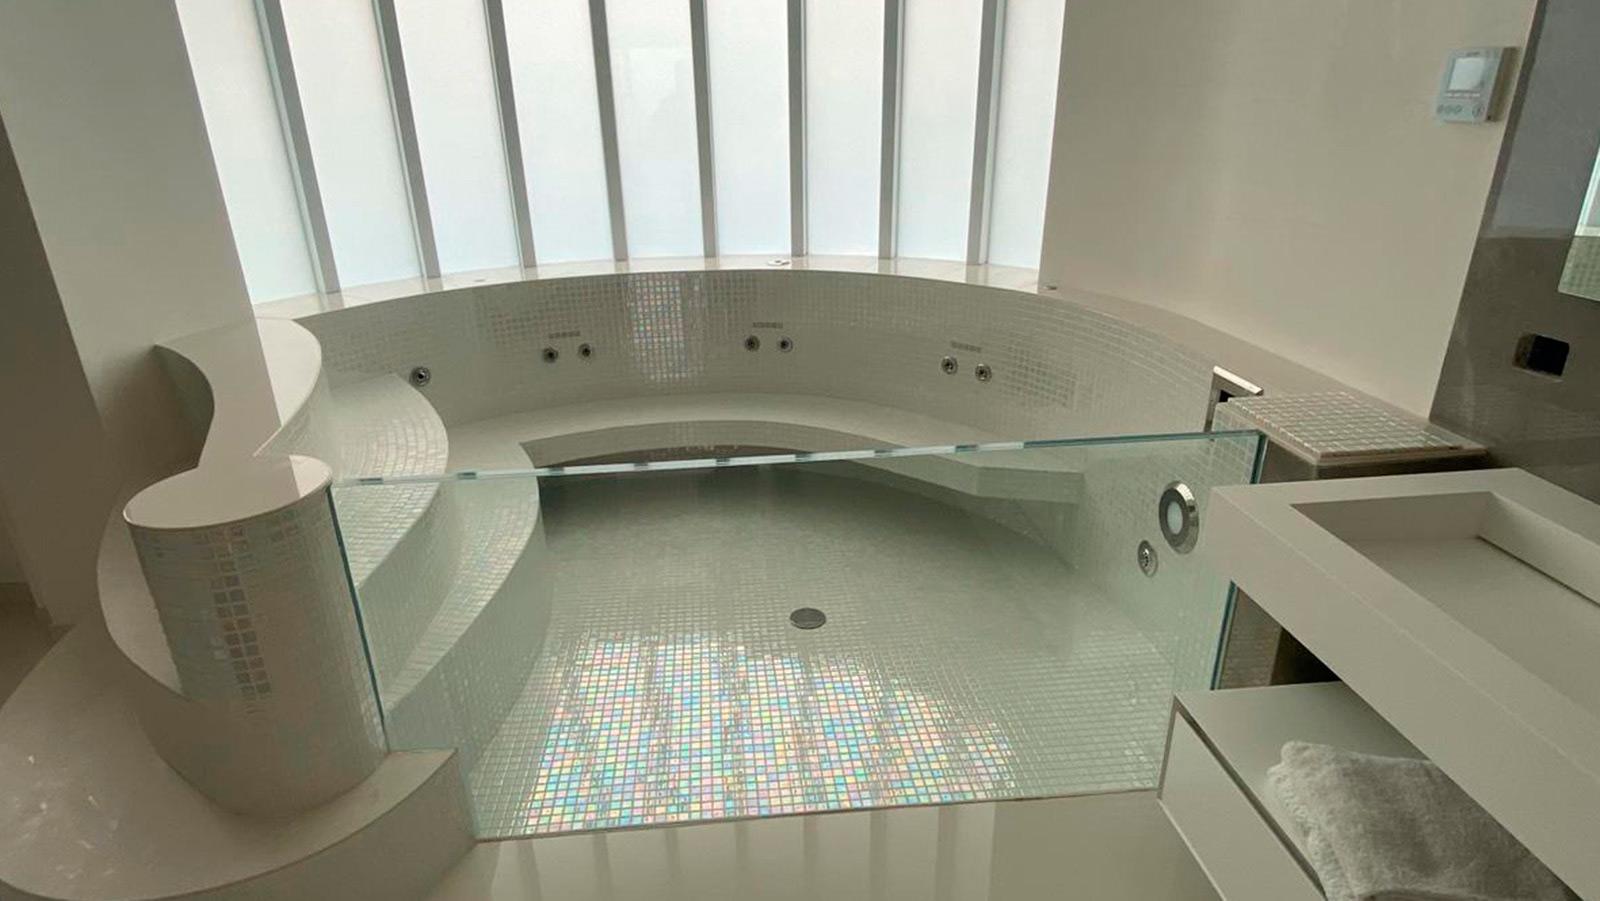 baño mosaico de vidrio gresite